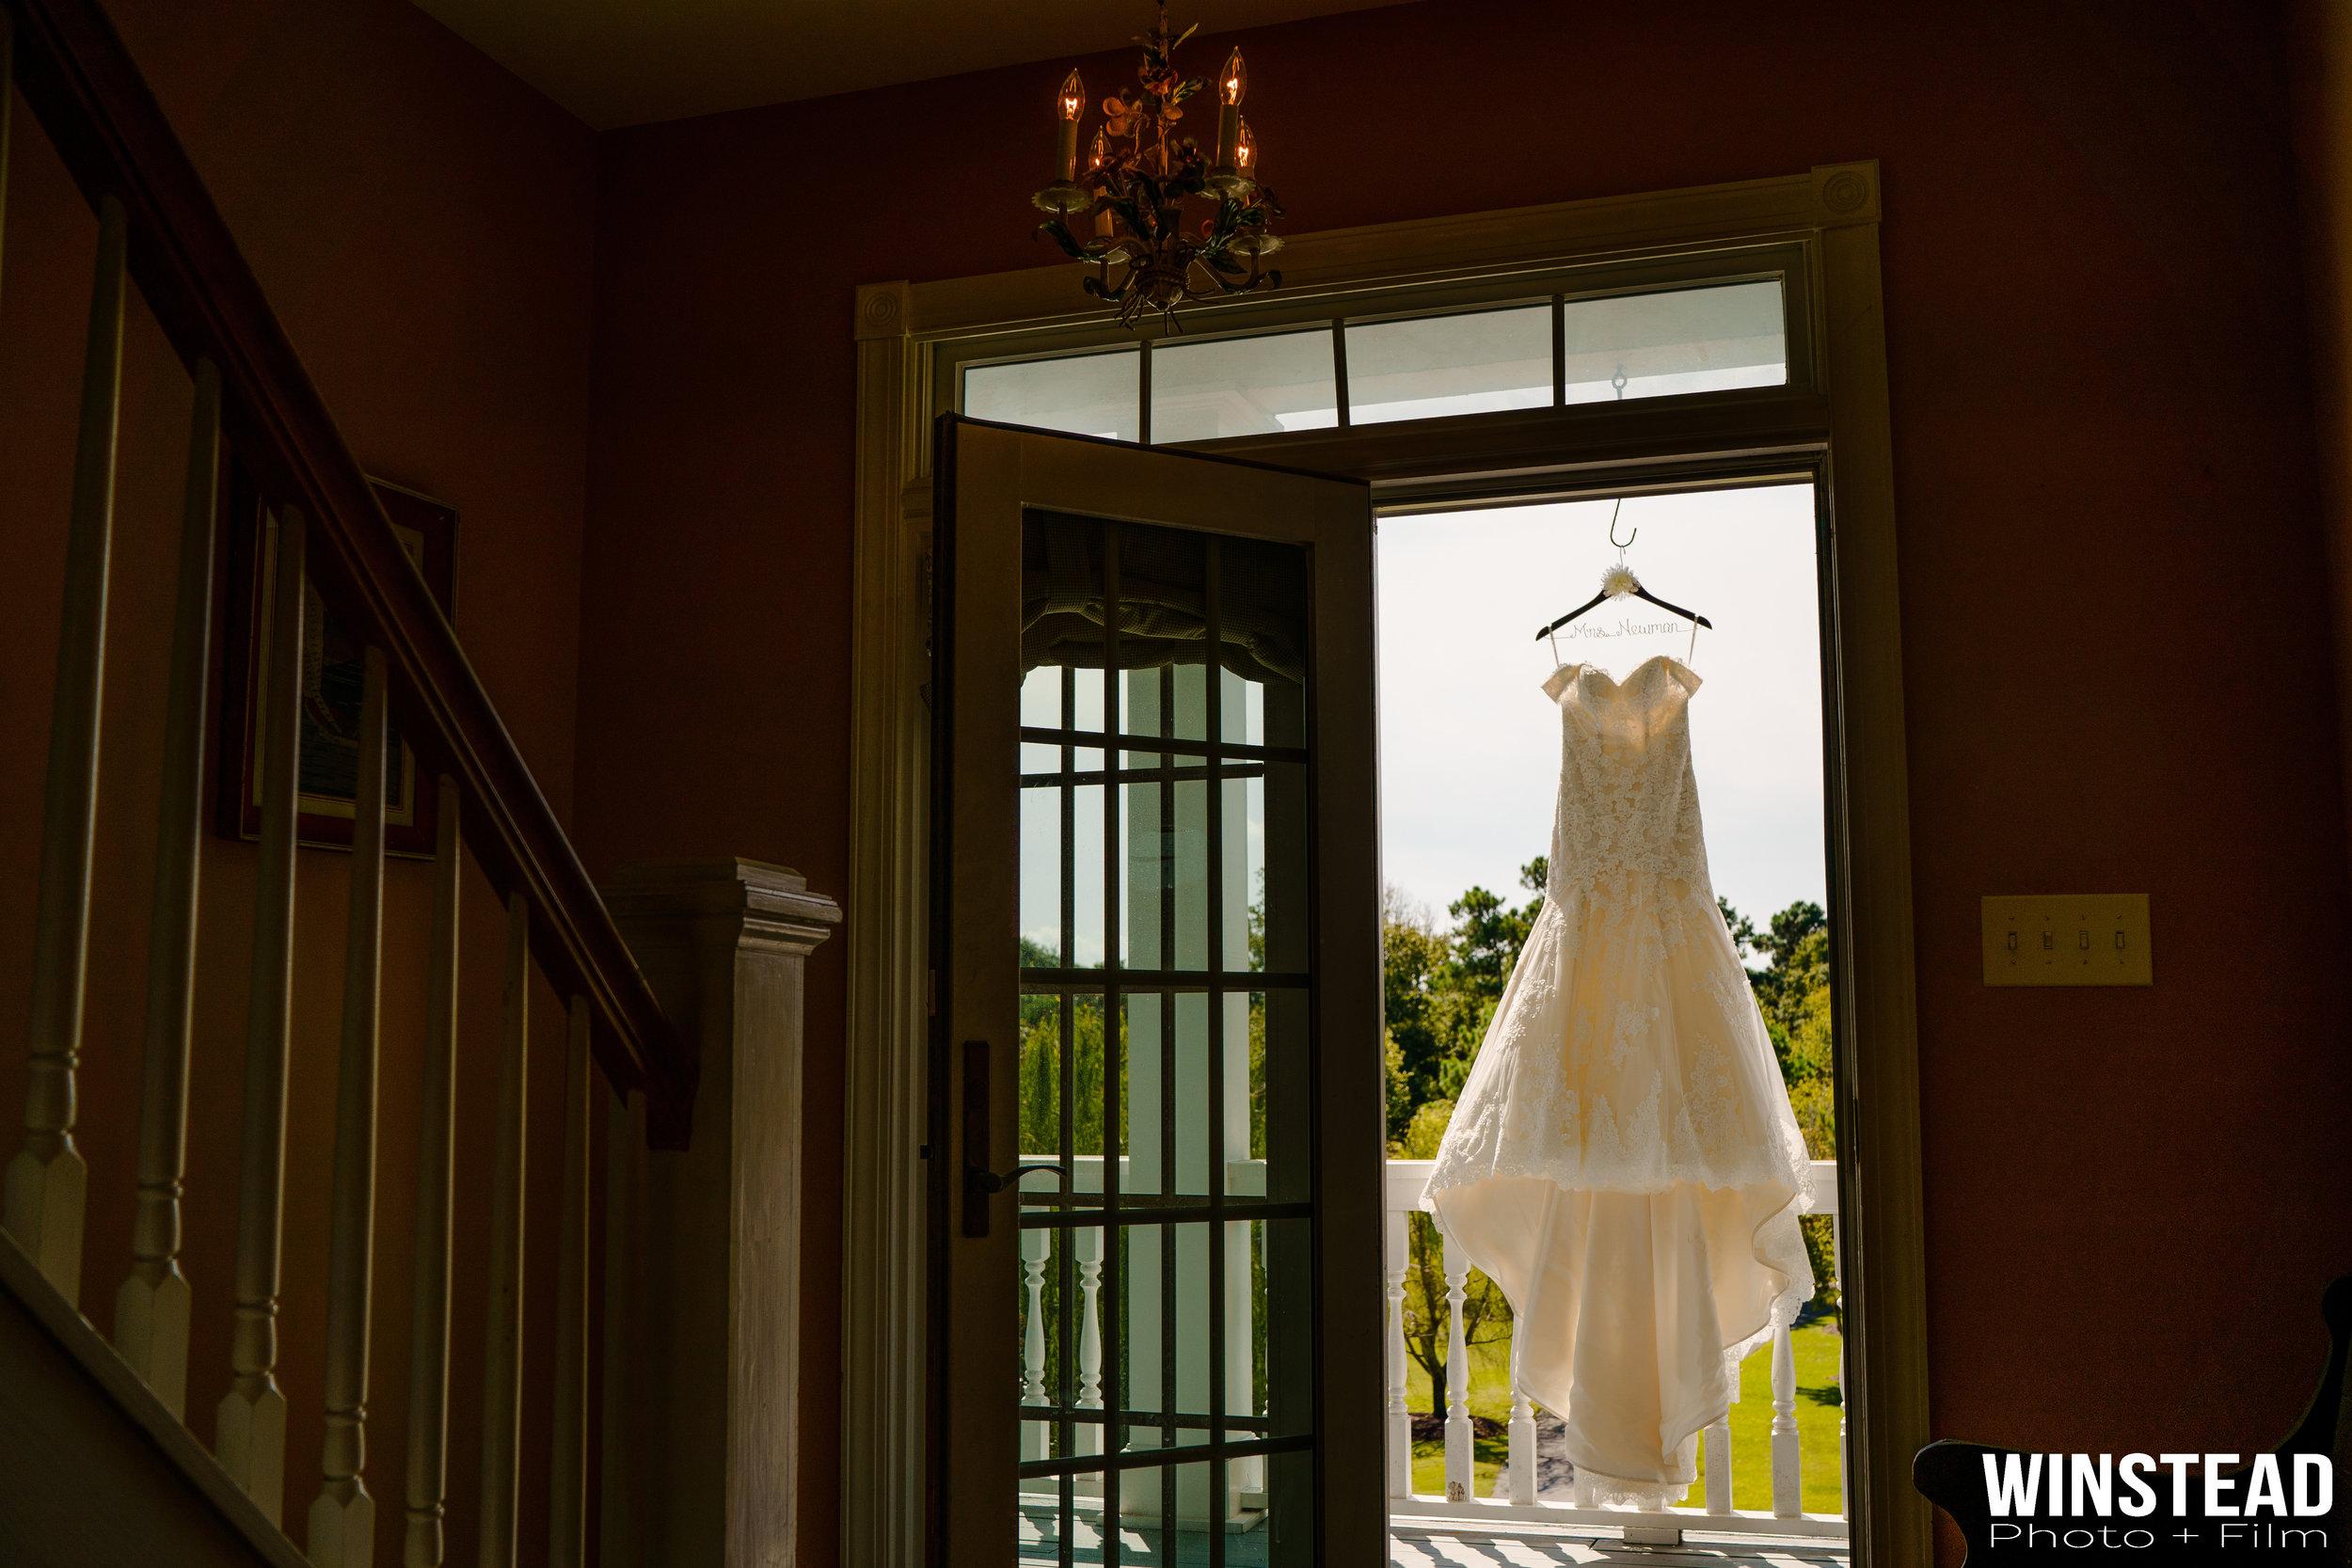 watson-house-emerald-isle-nc-wedding-001.jpg